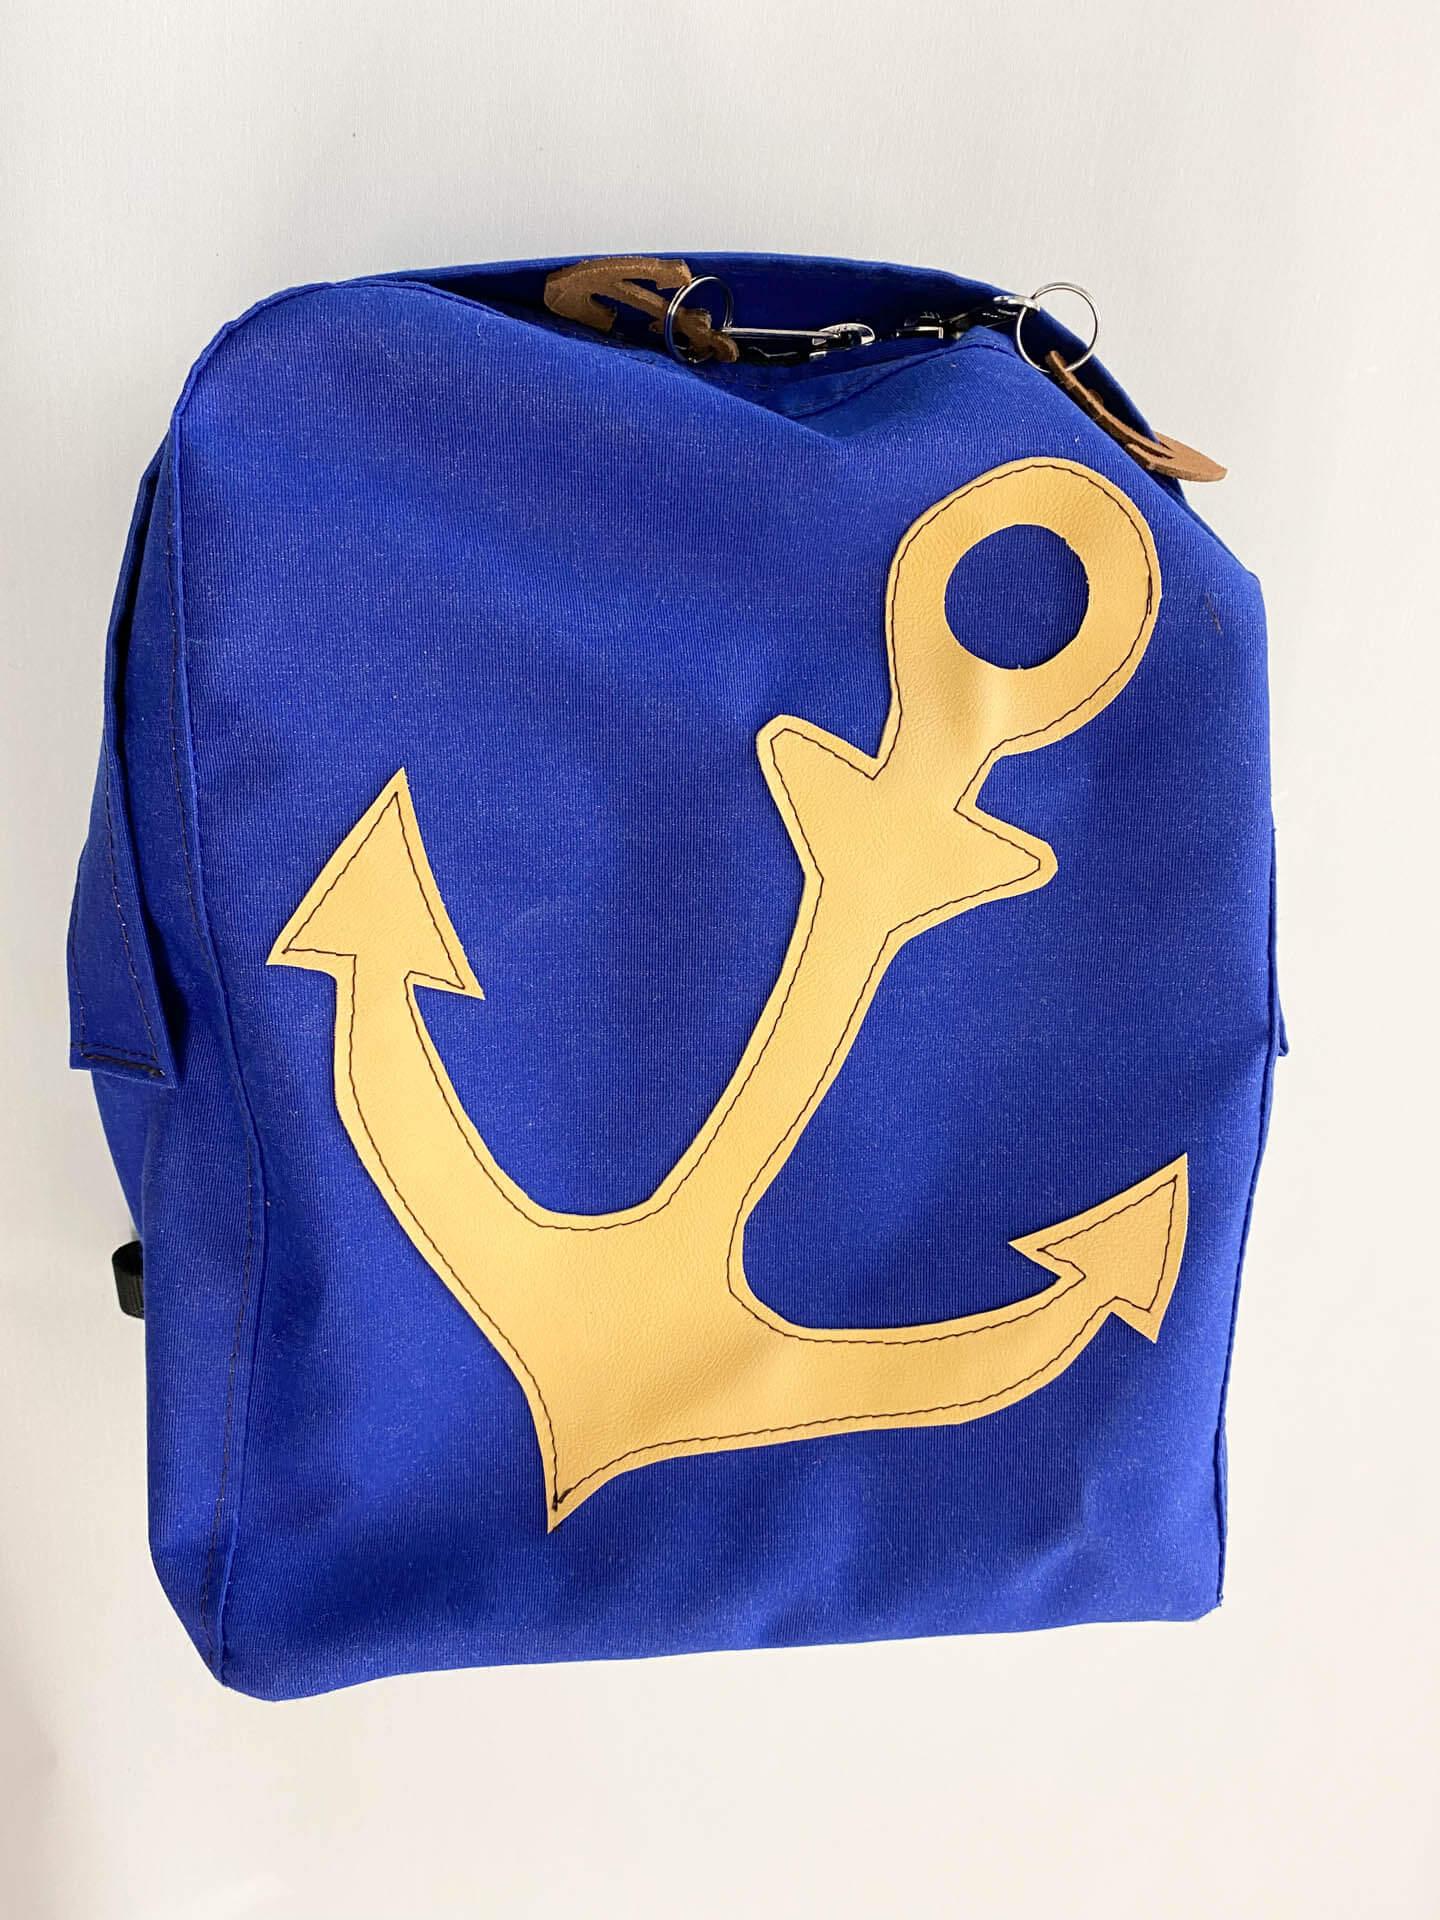 Blauer maritimer Rucksack mit Ankersymbol